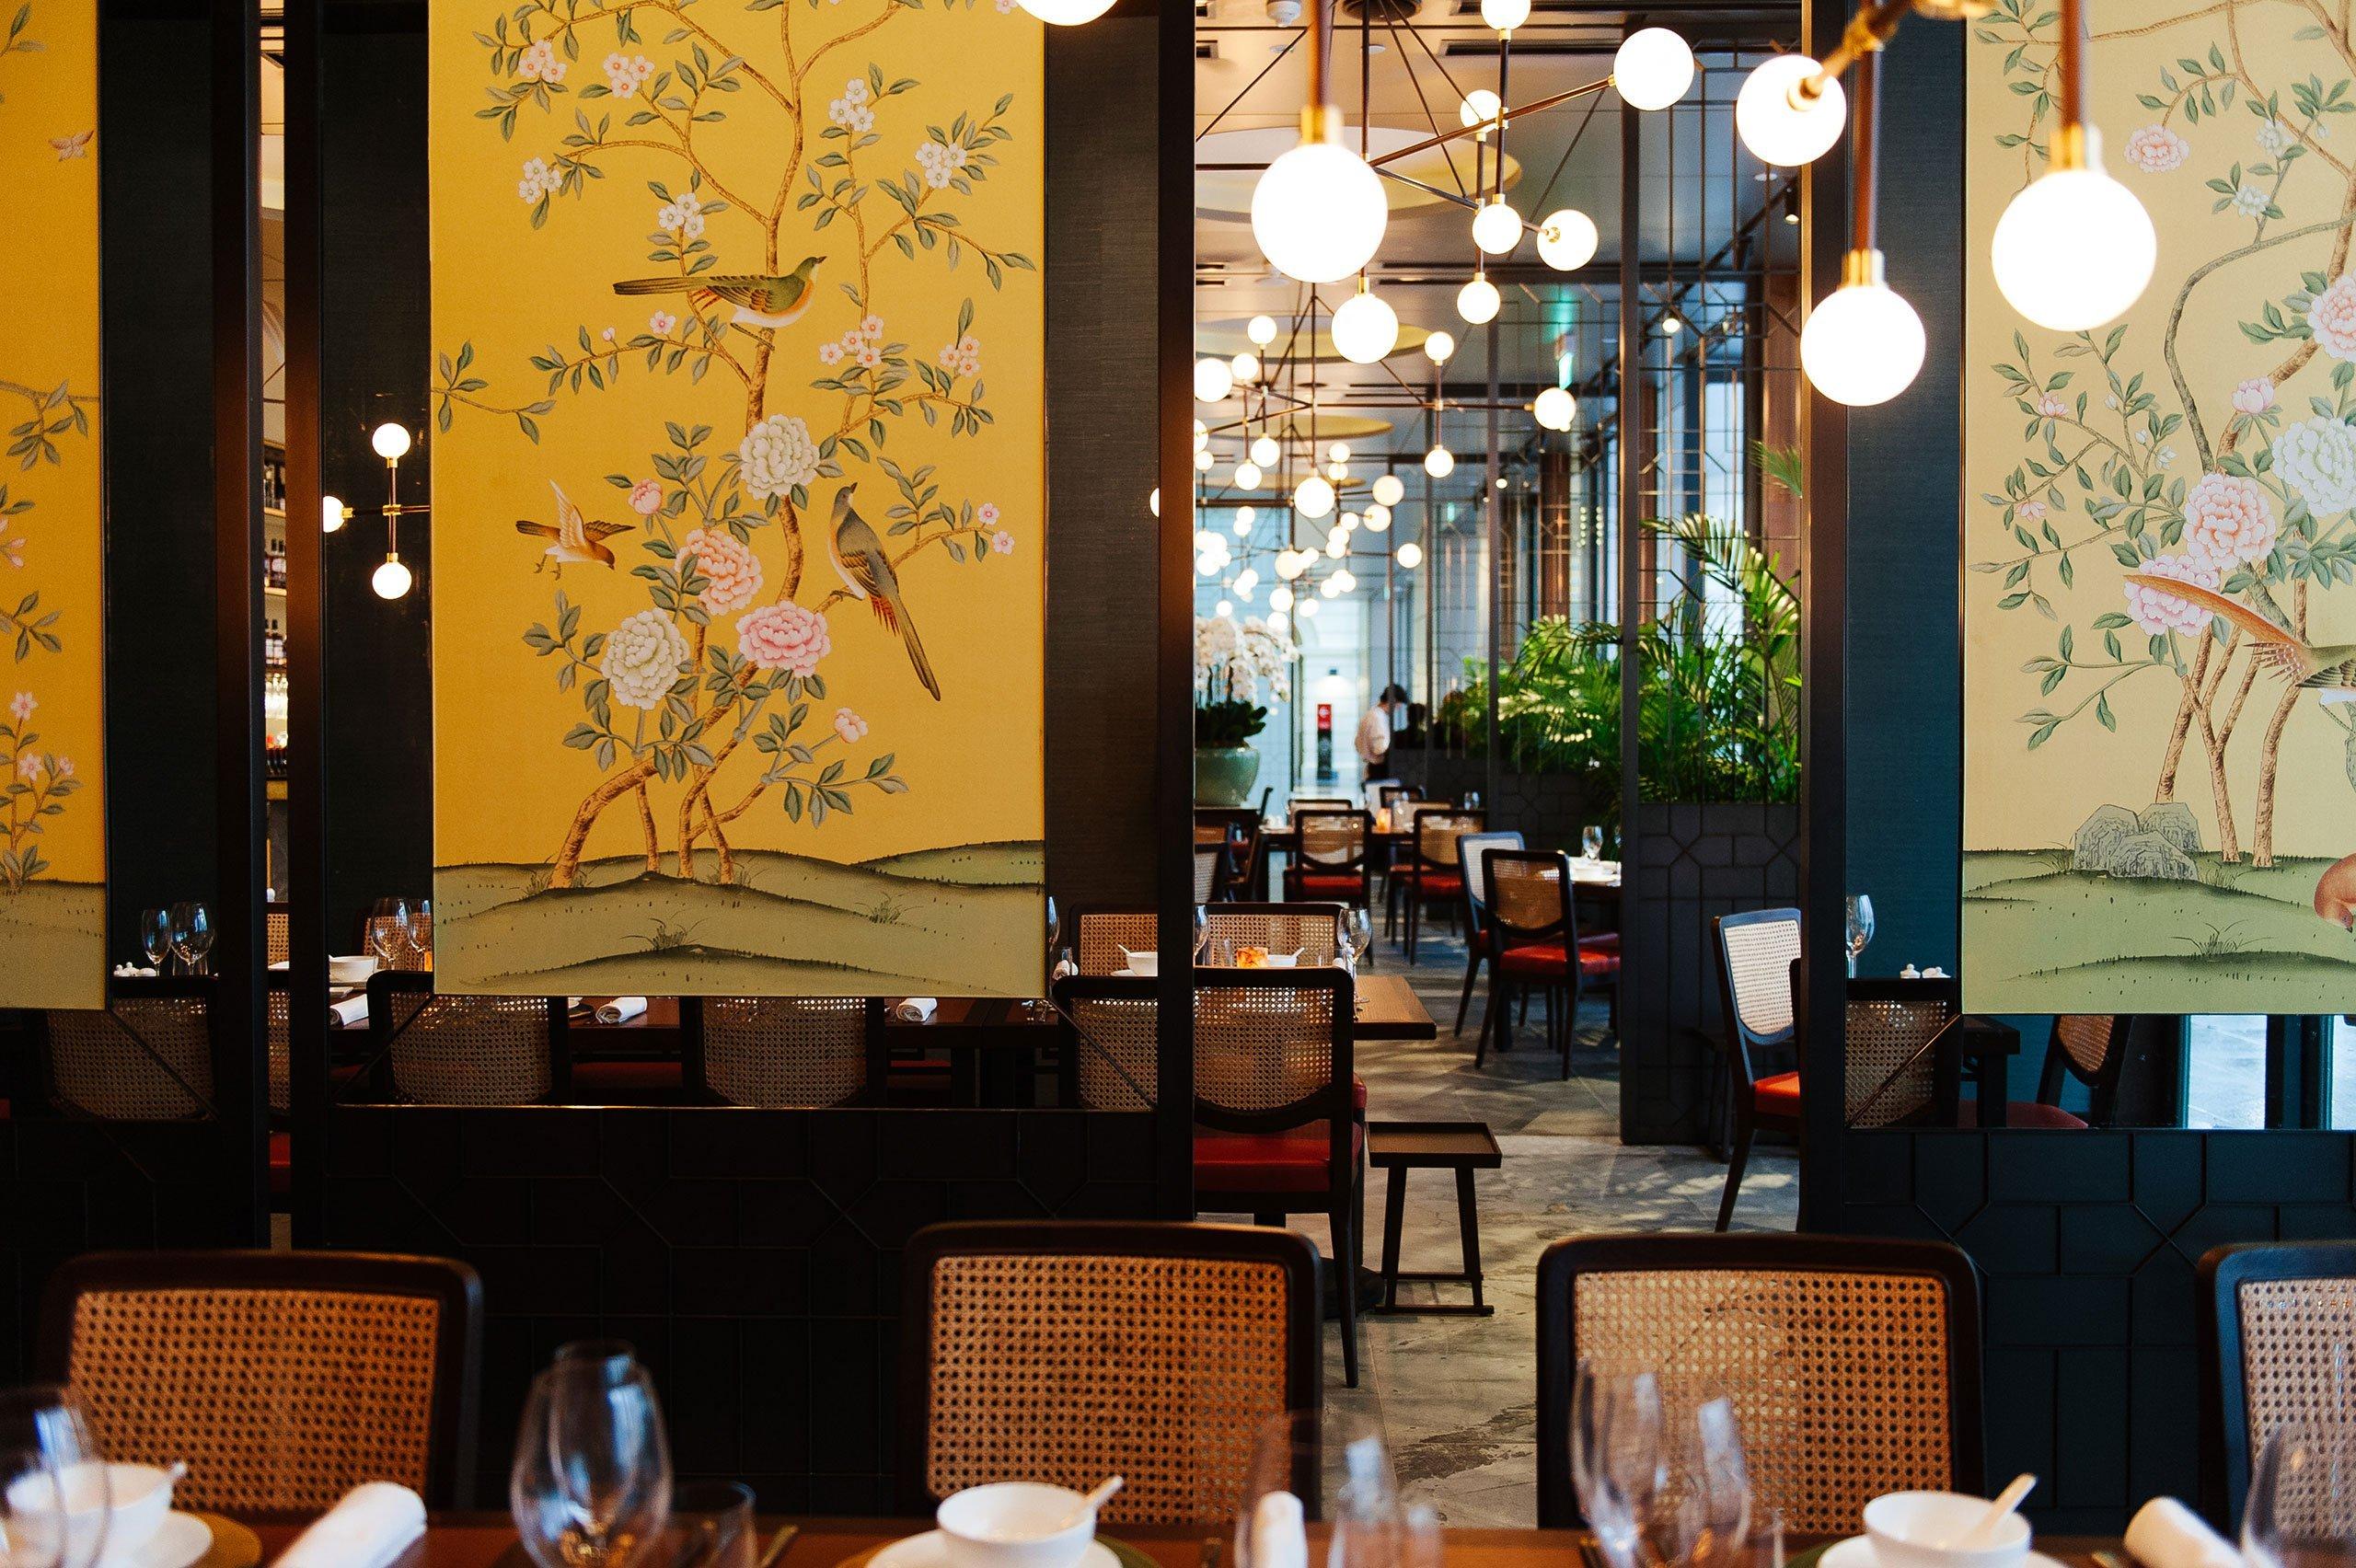 美食 正文  中式餐厅装修设计,采用了中国风元素的屏风,挂画和地毯